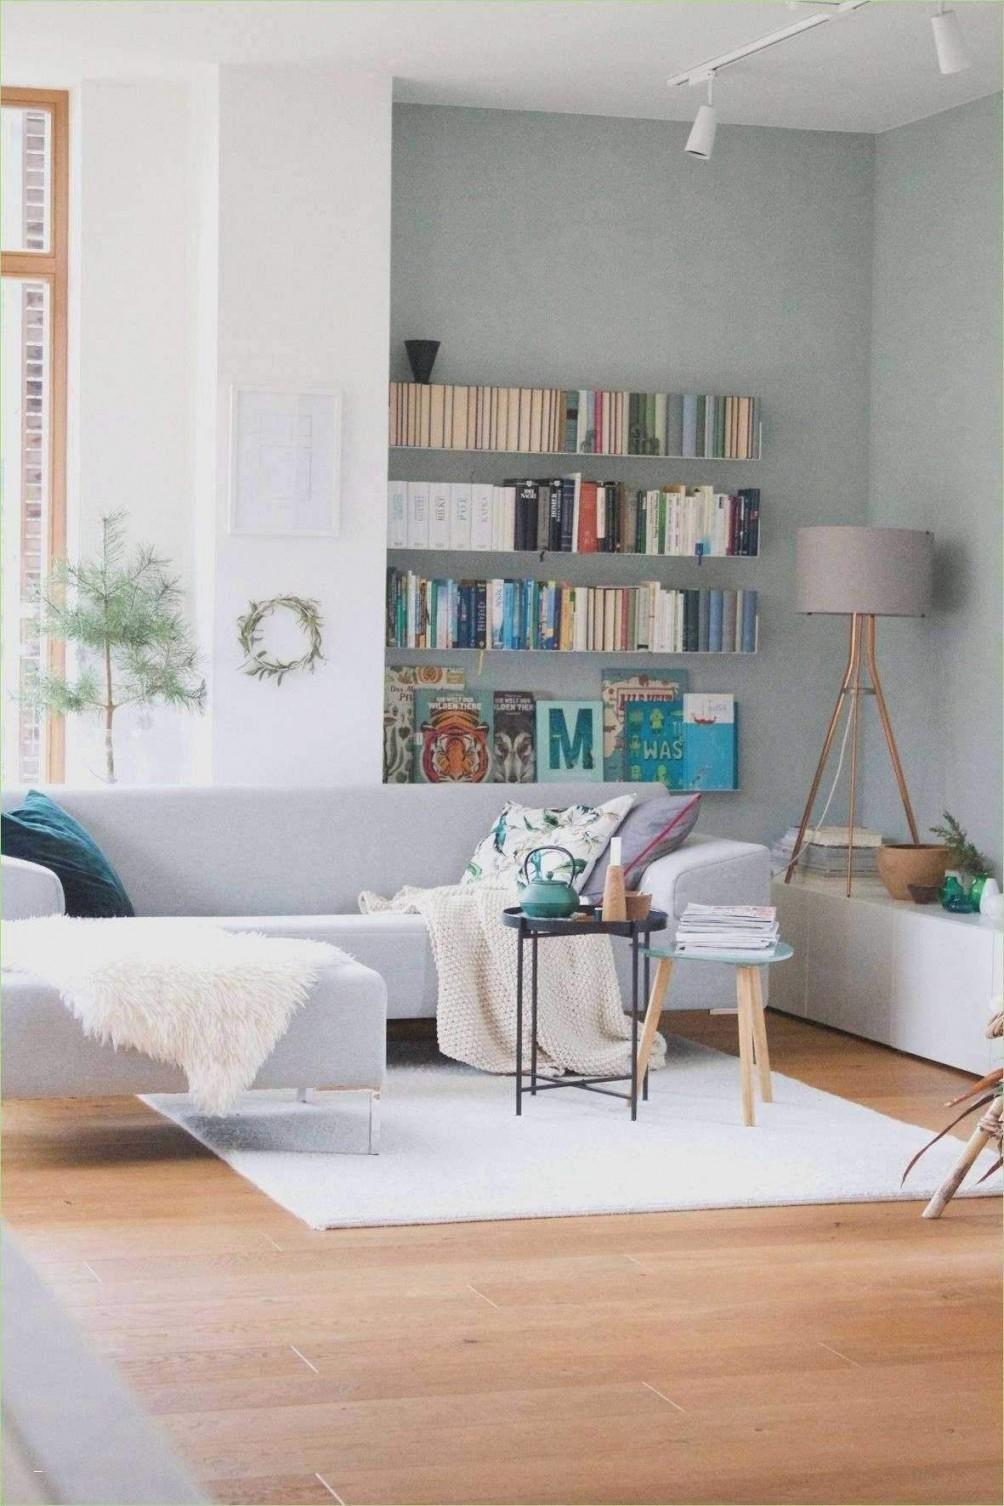 Wohnzimmer Deko Ideen Das Beste Von 40 Tolle Von Dekoration von Dekoration Wohnzimmer Ideen Bild